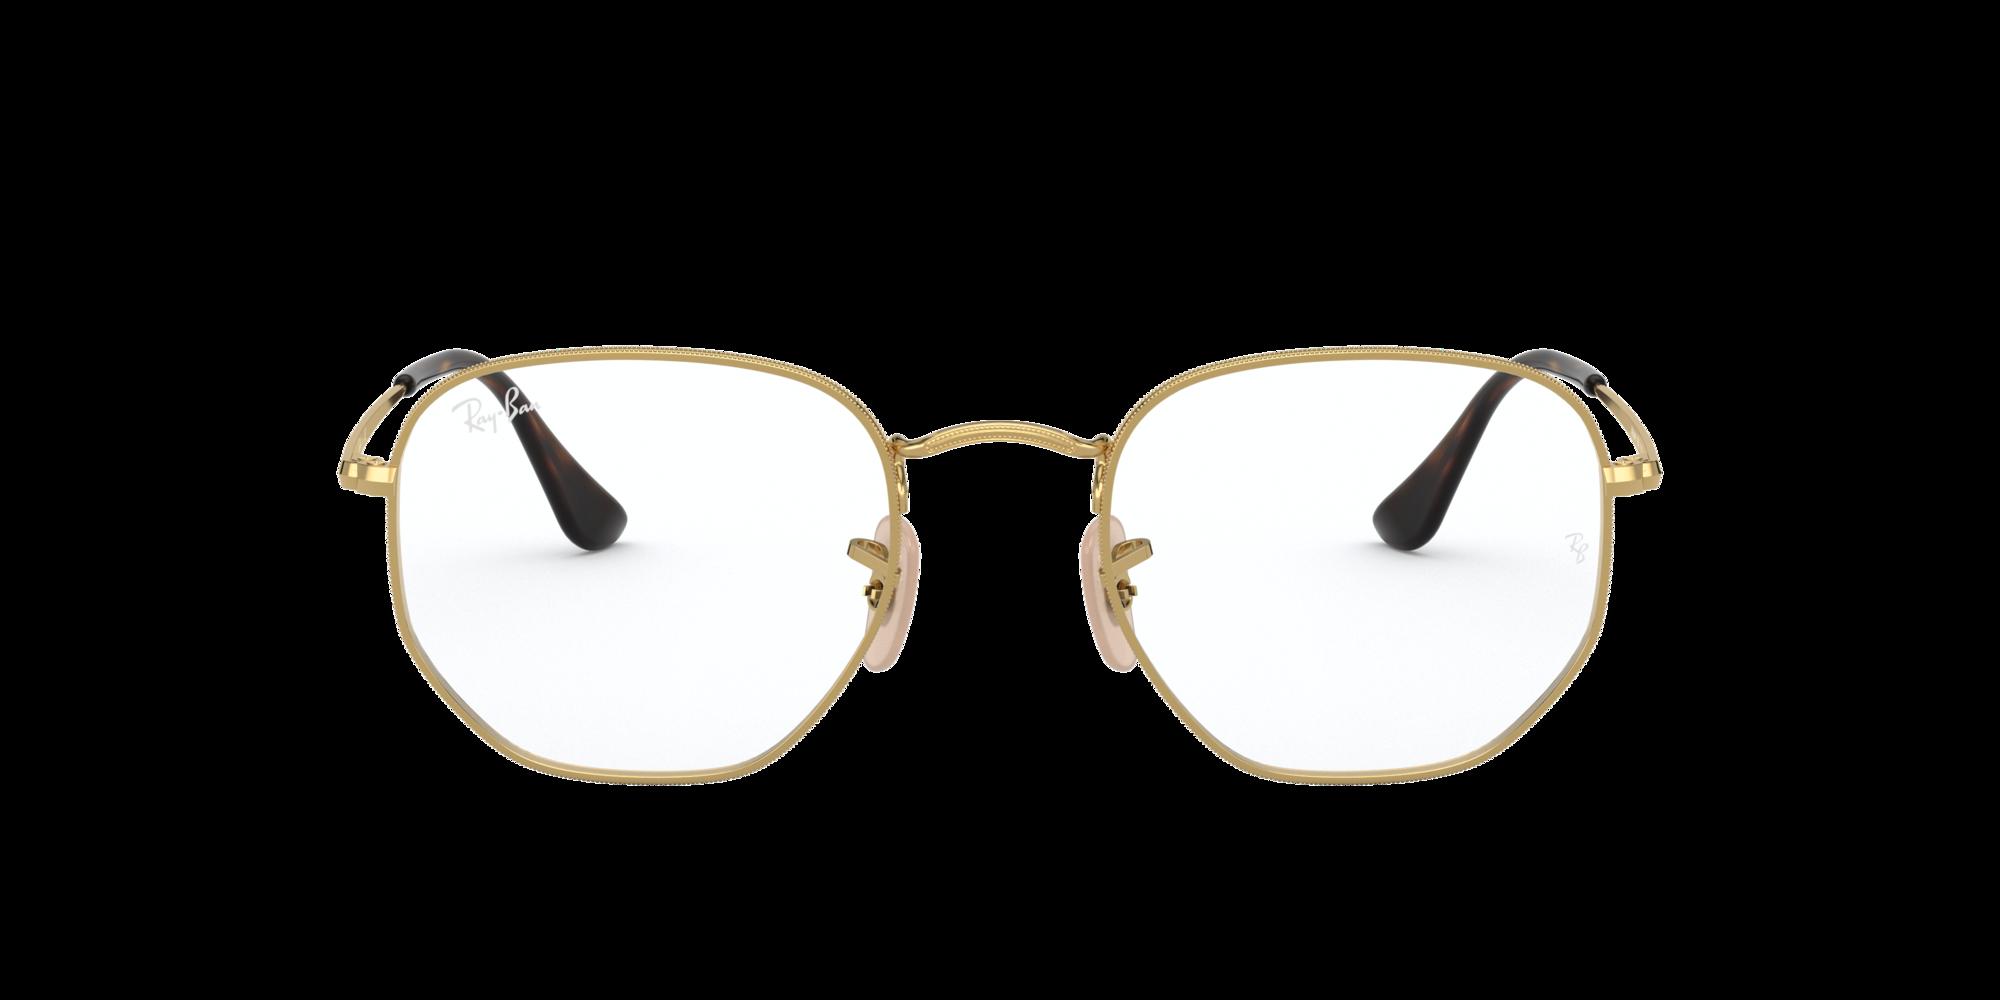 Imagen para RX6448 de LensCrafters |  Espejuelos, espejuelos graduados en línea, gafas